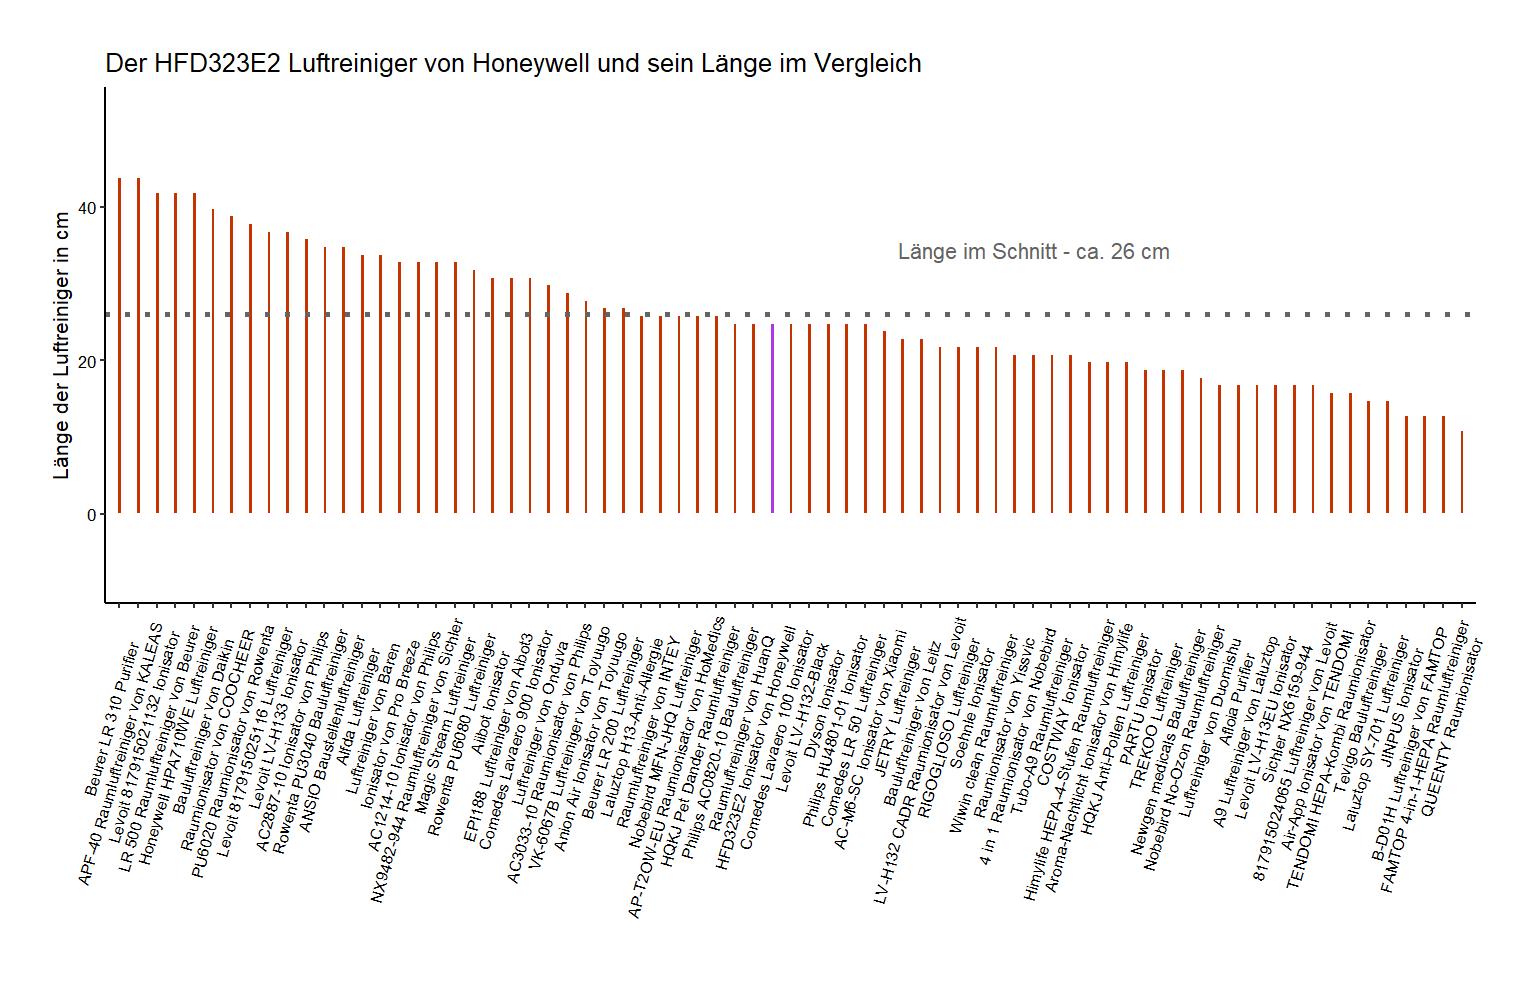 Länge-Vergleich von dem Honeywell Ionisator HFD323E2